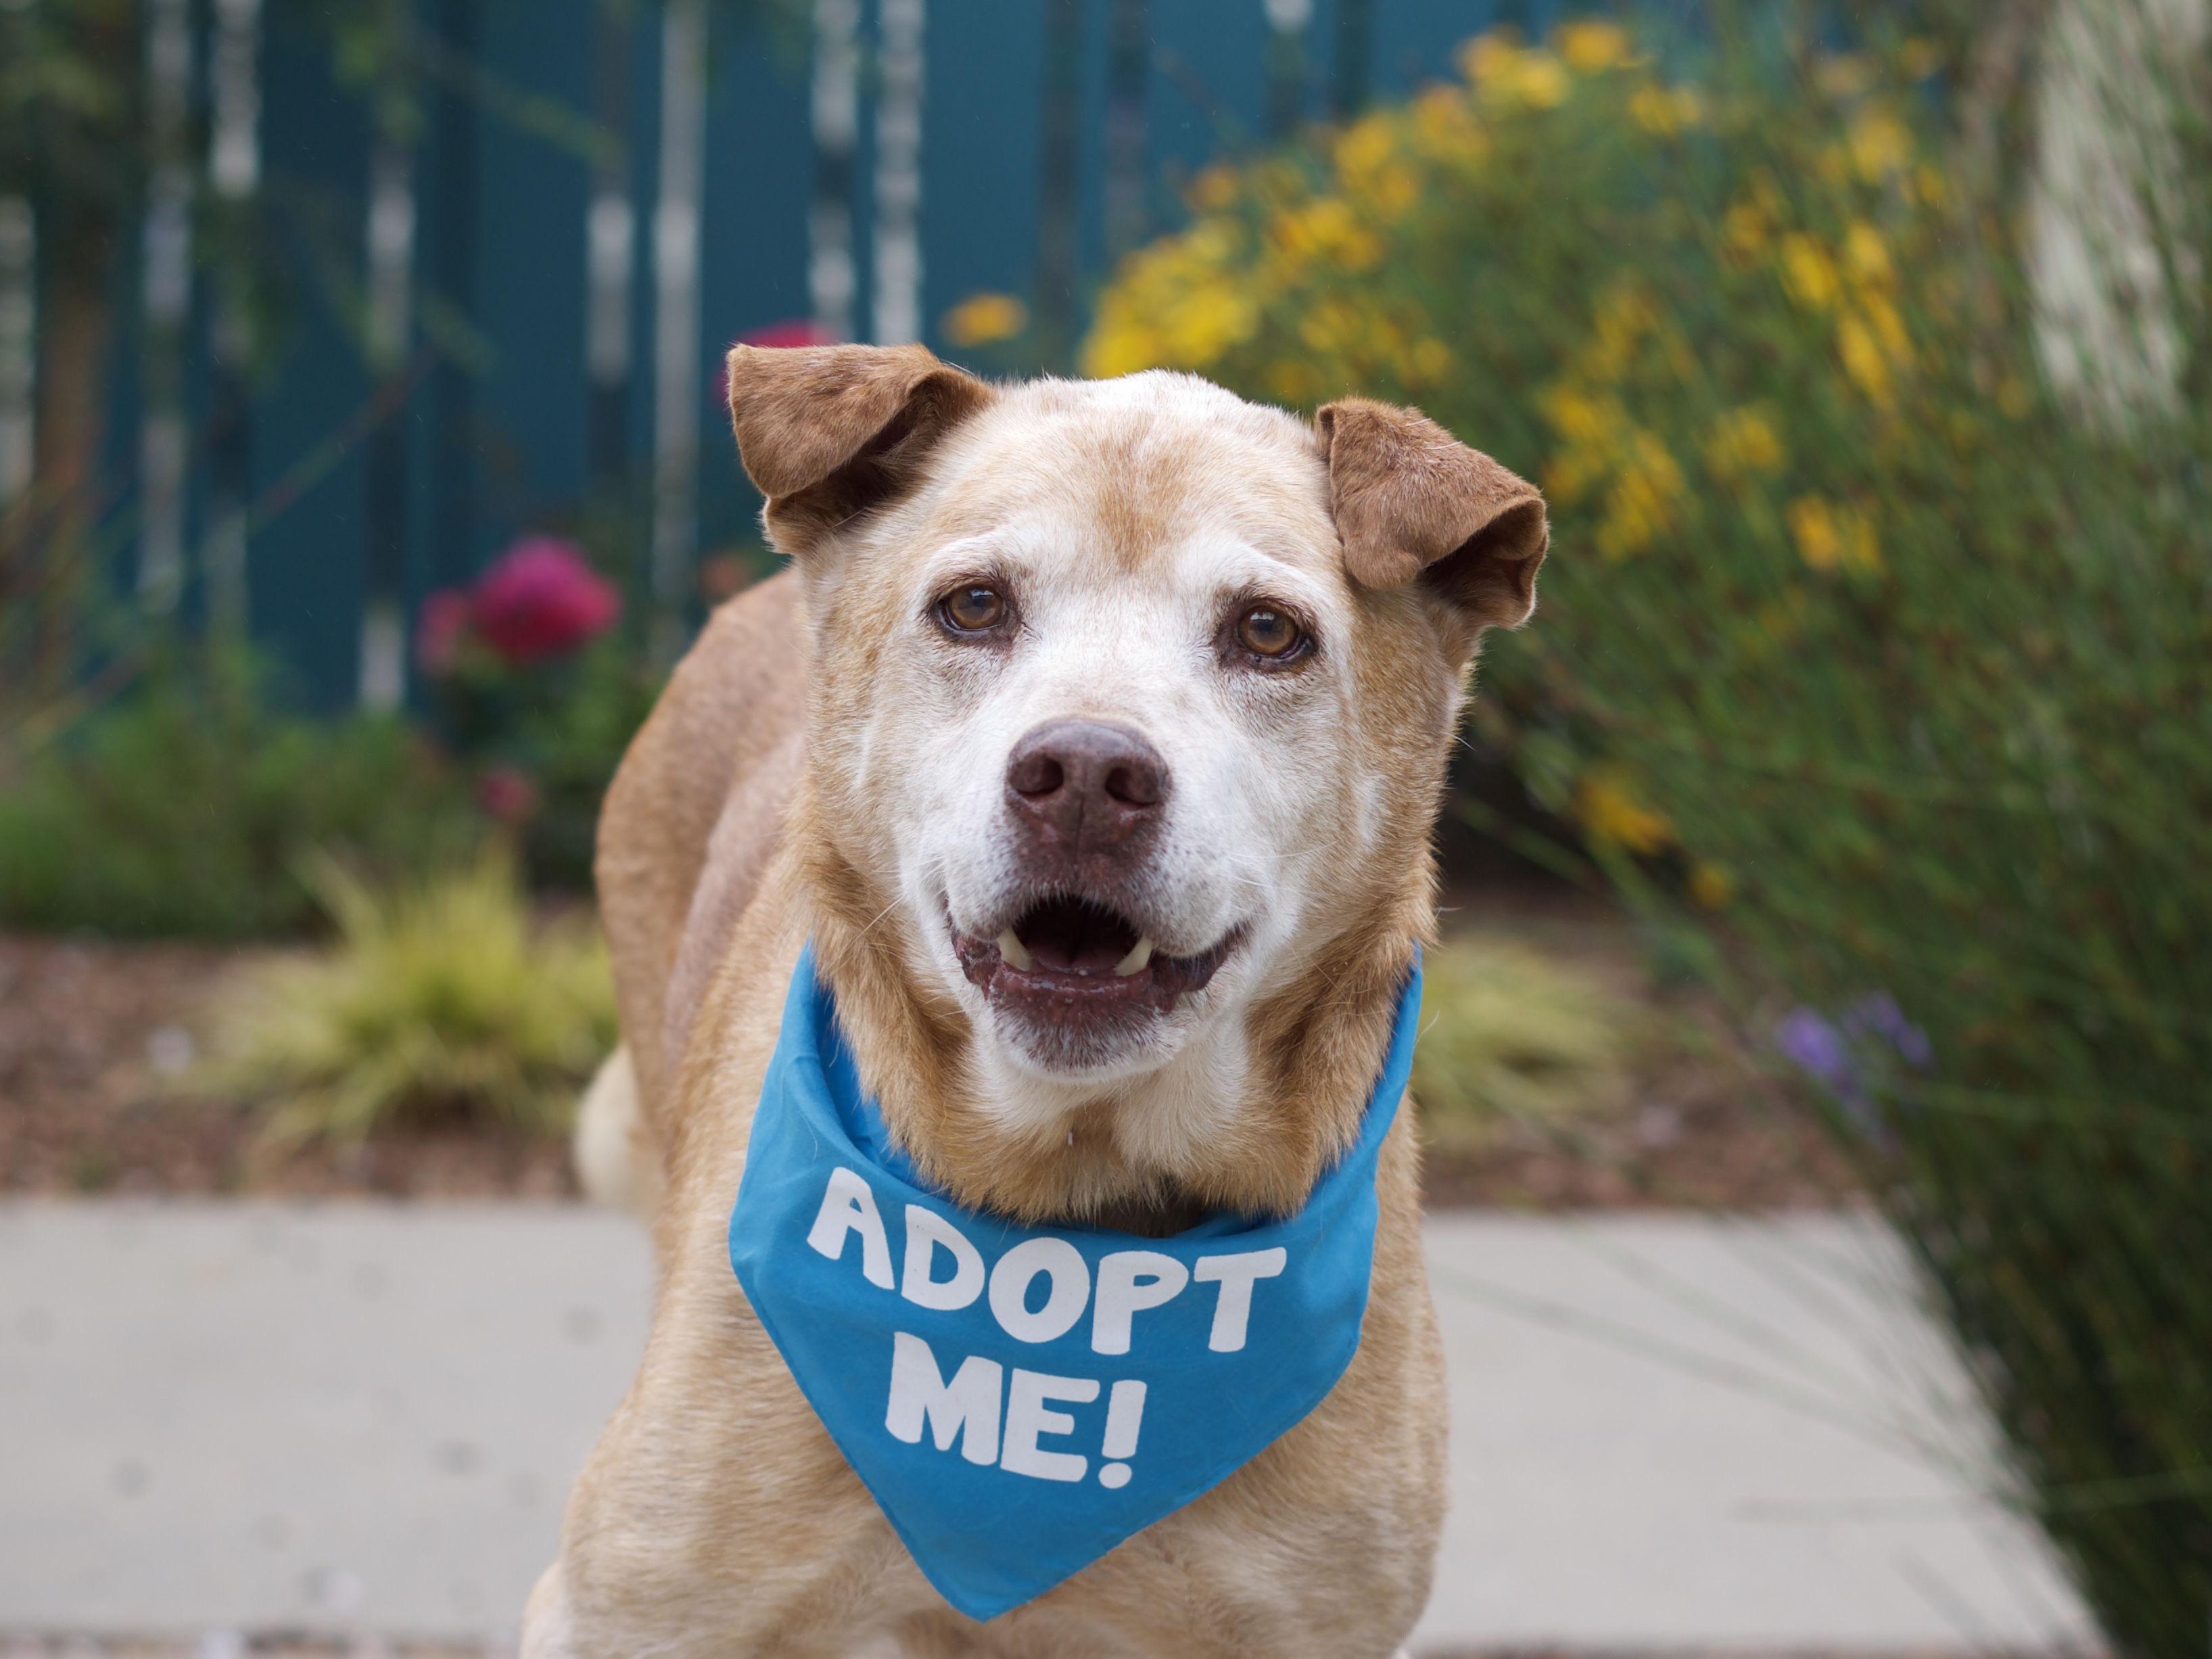 Brown dog with adoption bandana